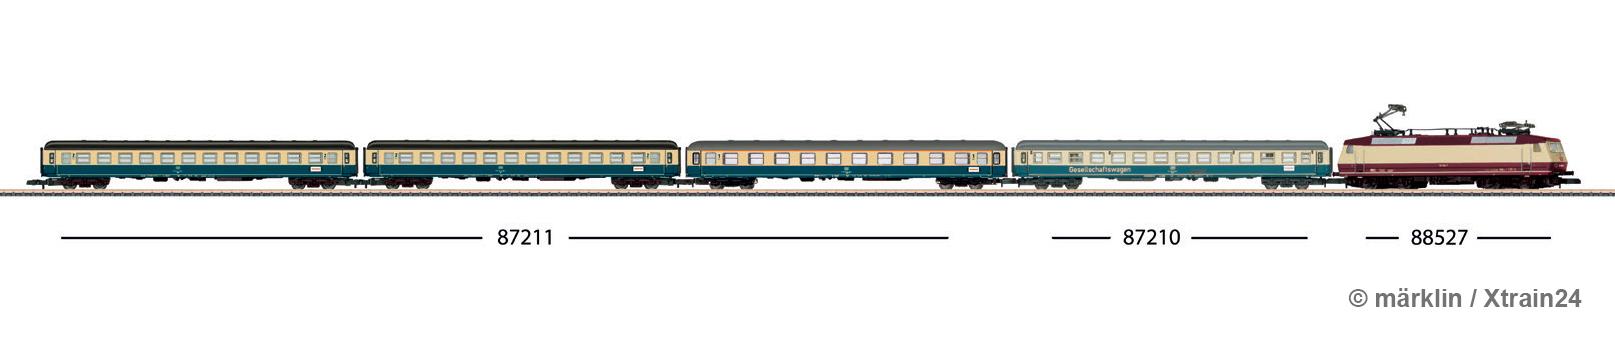 Zugbildung für märklin - 3-tlg. Set Abteilwagen Am 203 / Bm 234 der DB